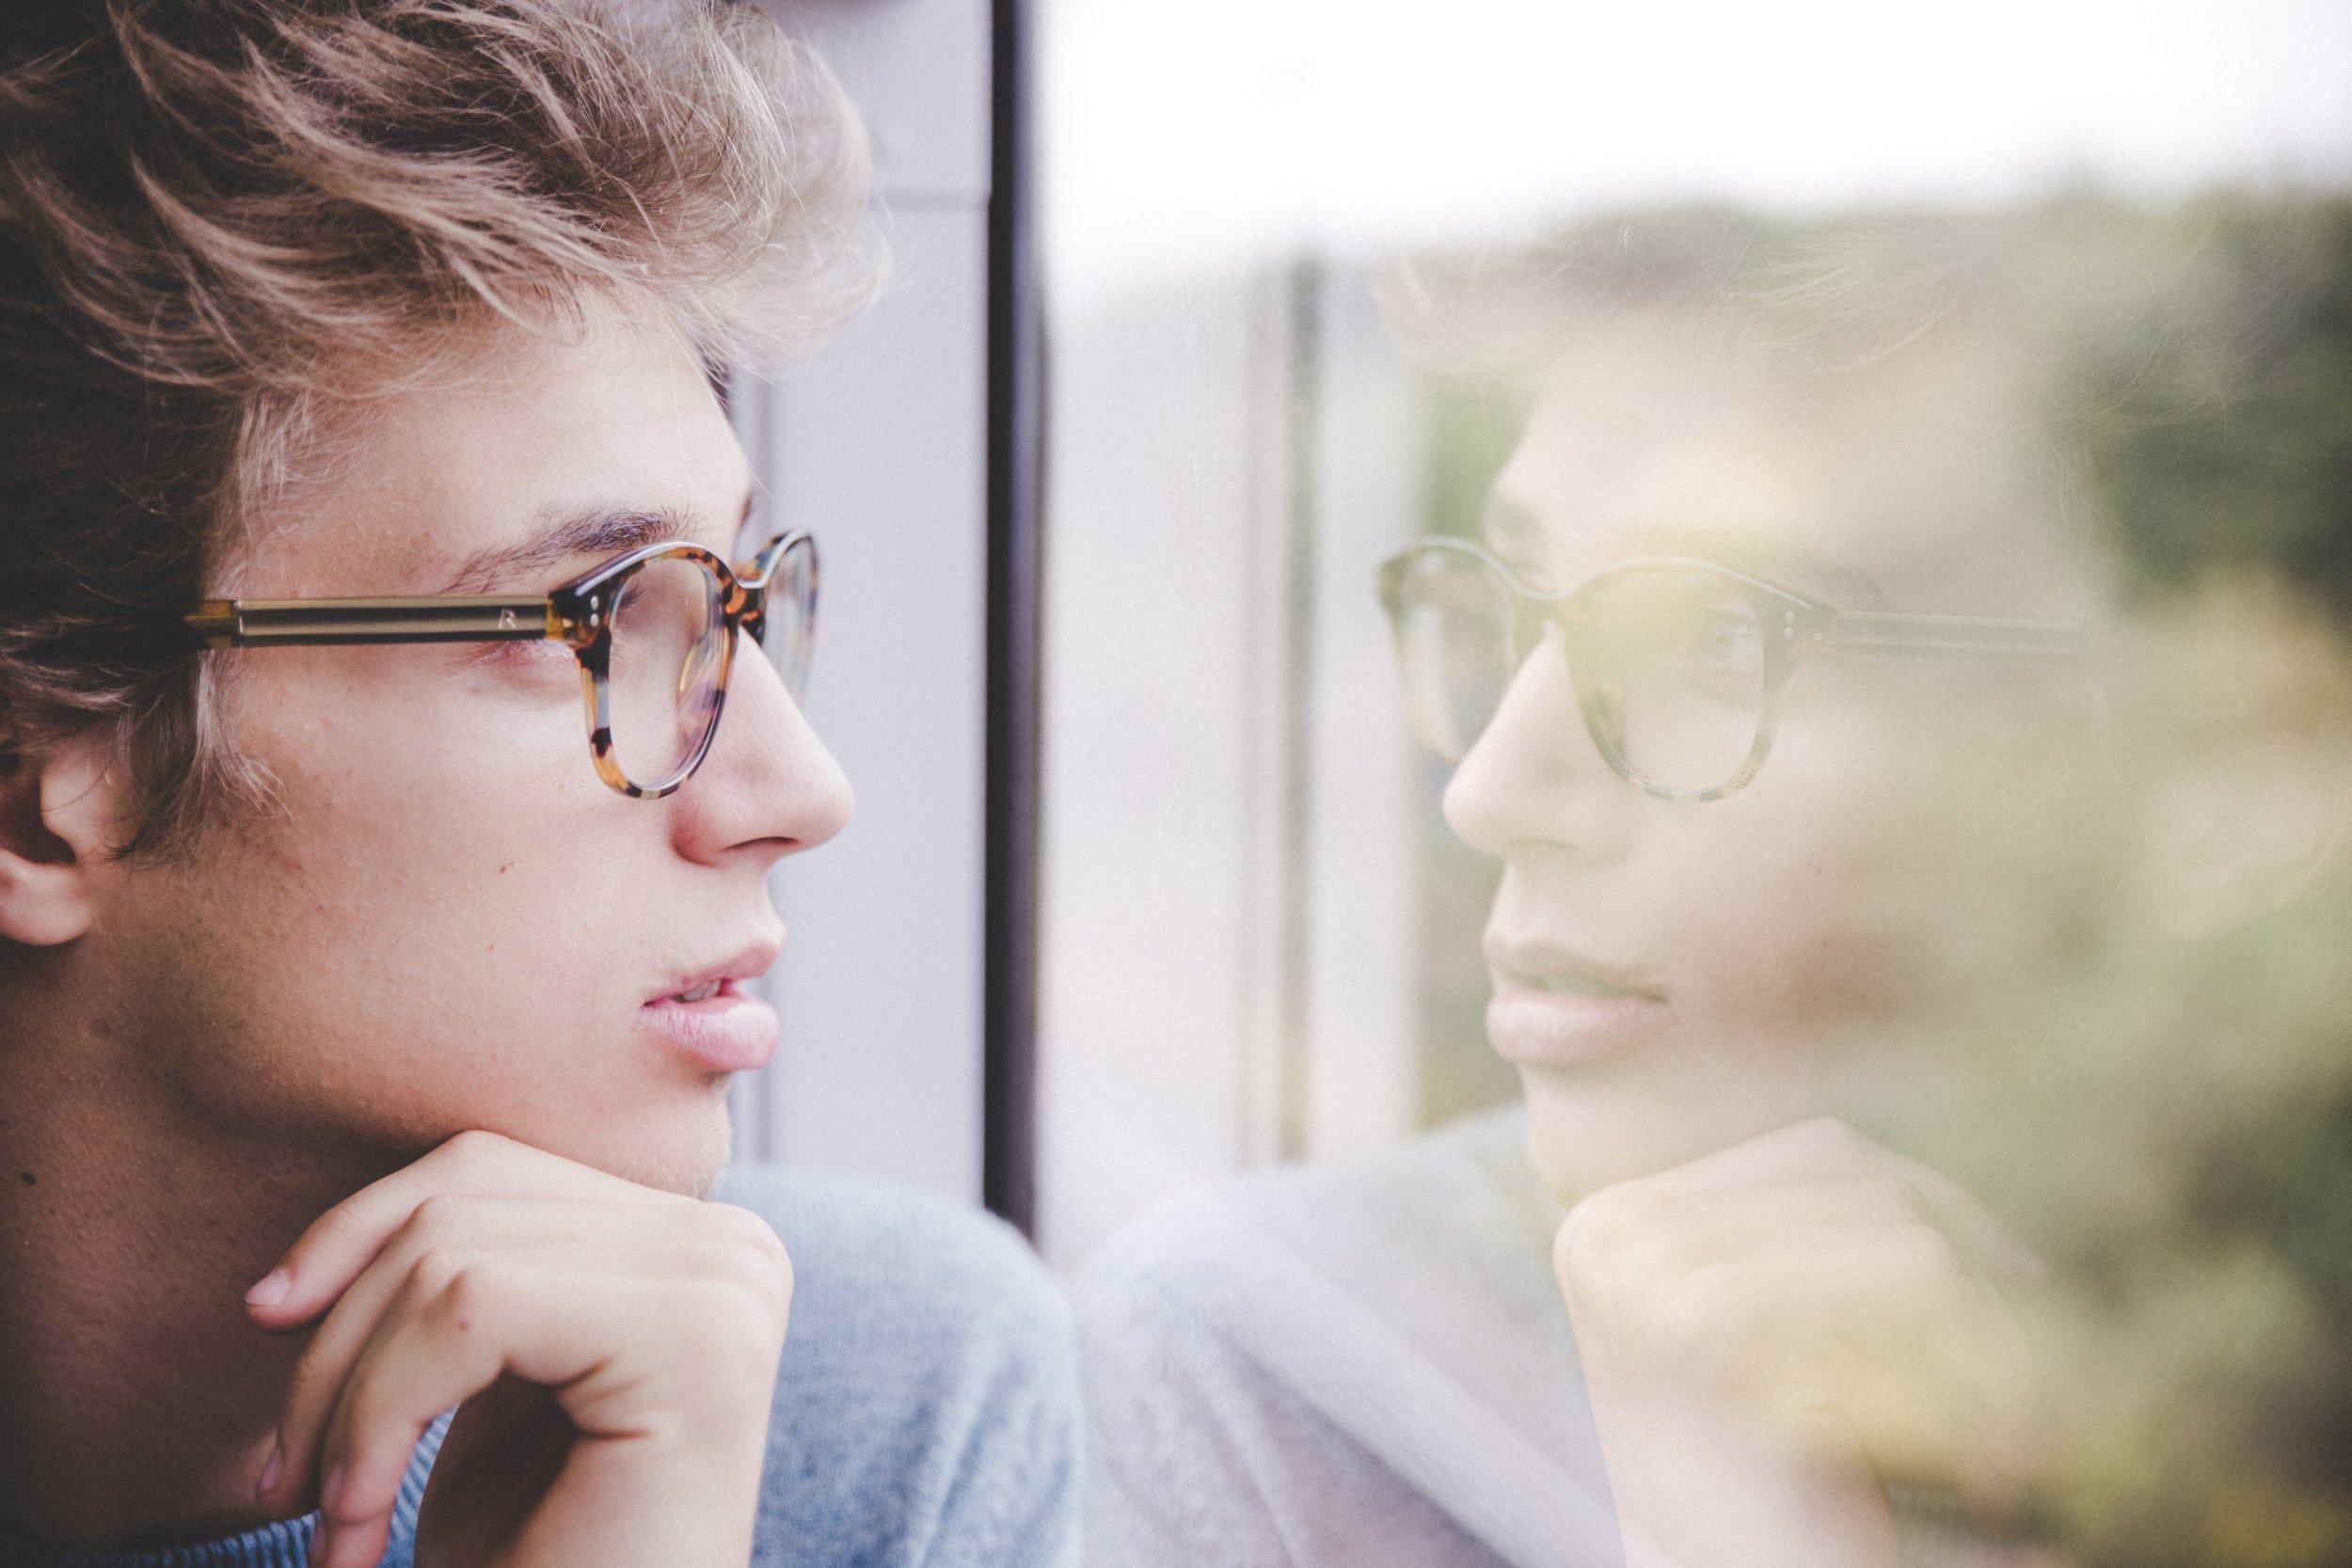 """Seminar zum Thema """"Selbstbild"""" - die Beziehung zu mir selbst - Im Rahmen von Visionsgruppen haben wir uns damit beschäftigt, wie Menschen durch das Evangelium aufblühen können, unter anderem in ihrer Beziehung zu sich selbst. Vertiefend zu diesem Thema findet im Herbst ein Seminar mit der Referentin Dr. Sabine Schröder (systemische Coachin, Psychotherapeutin und Theologin) statt. """"Wer bin ich?"""", """"Wie kann ich zufrieden mit mir selbst sein?"""" oder """"Über was definiere ich mich?"""" sind nur einige Fragen, mit denen wir uns auseinandersetzen werden."""